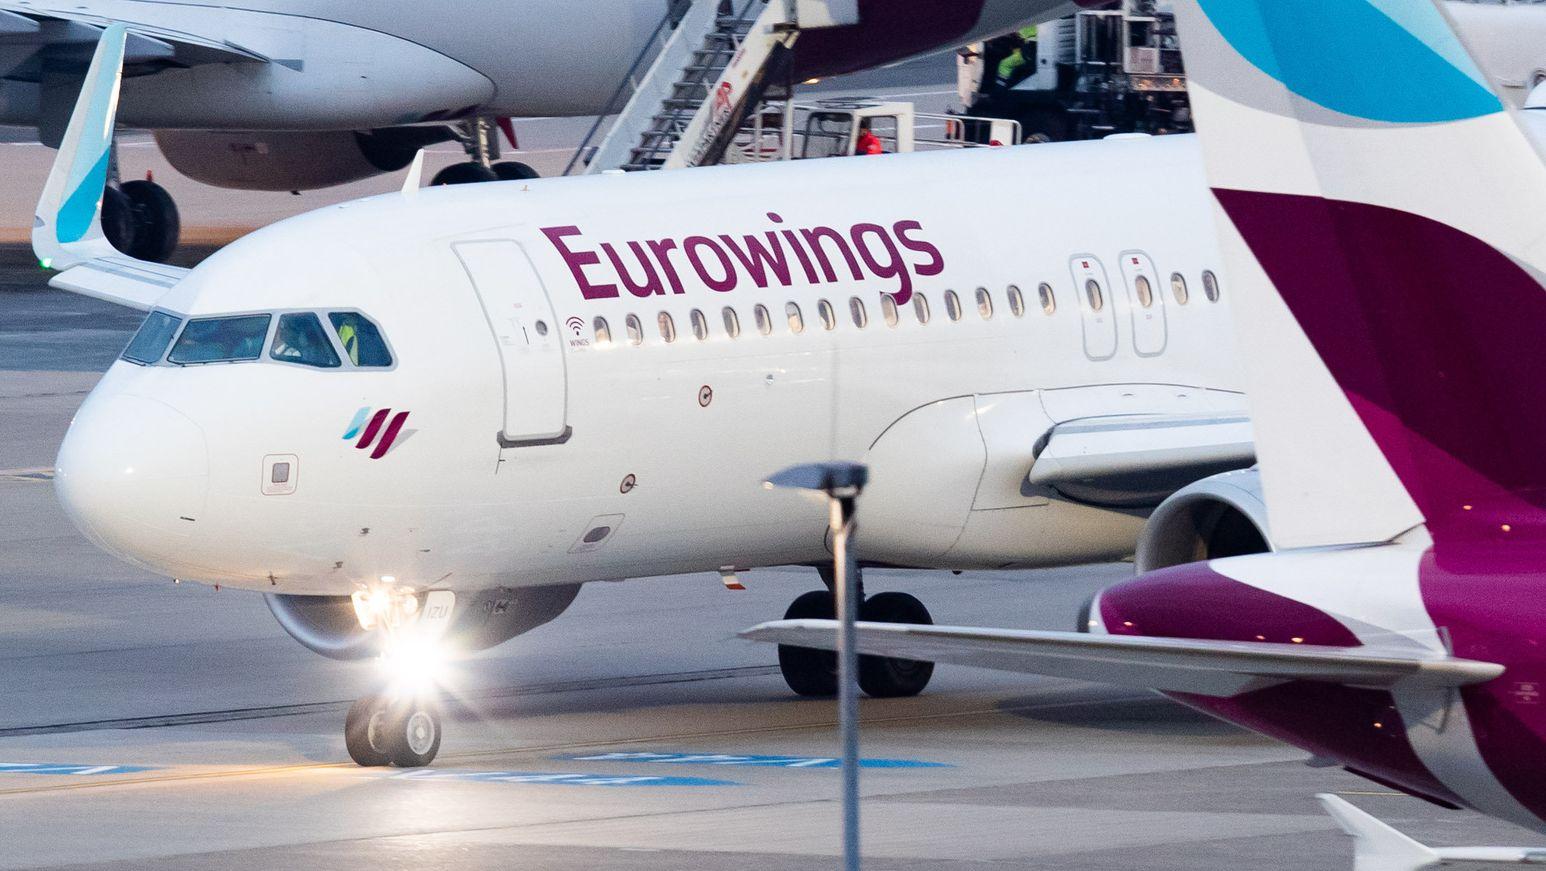 Ein Flugzeug der Fluggesellschaft Eurowings rollt am Düsseldorfer Flughafen über das Vorfeld an parkenden Flugzeugen vorbei.